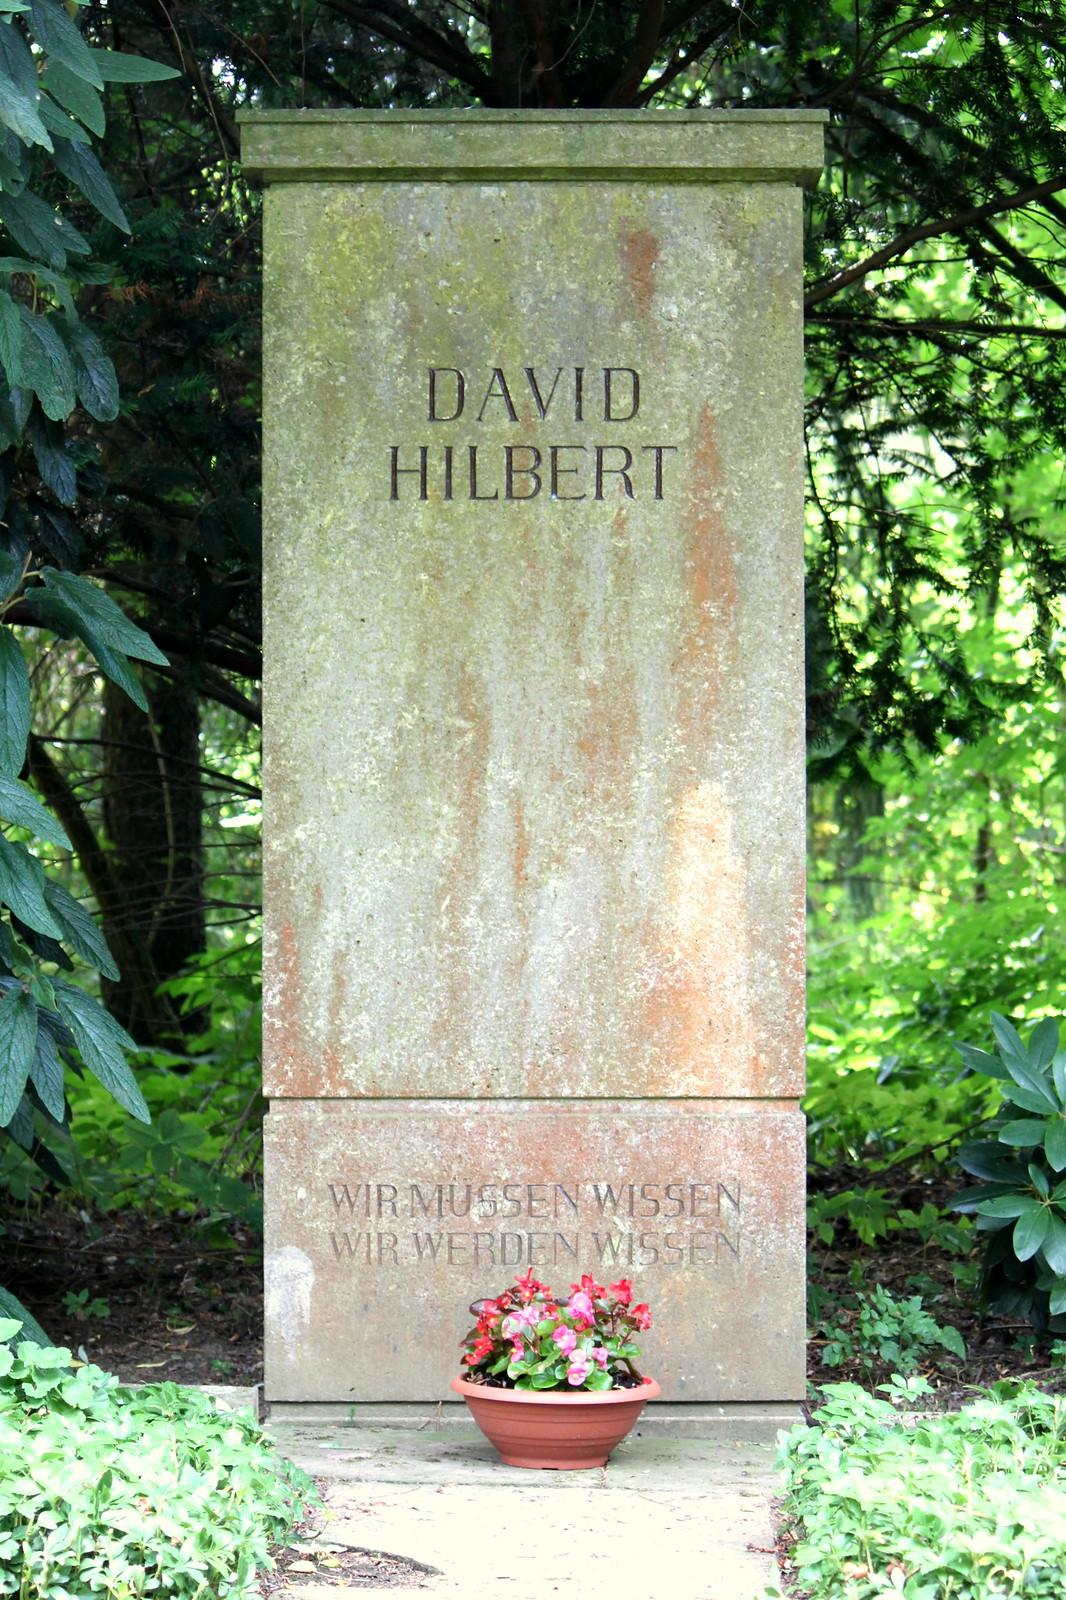 David hilbert doctoral dissertation